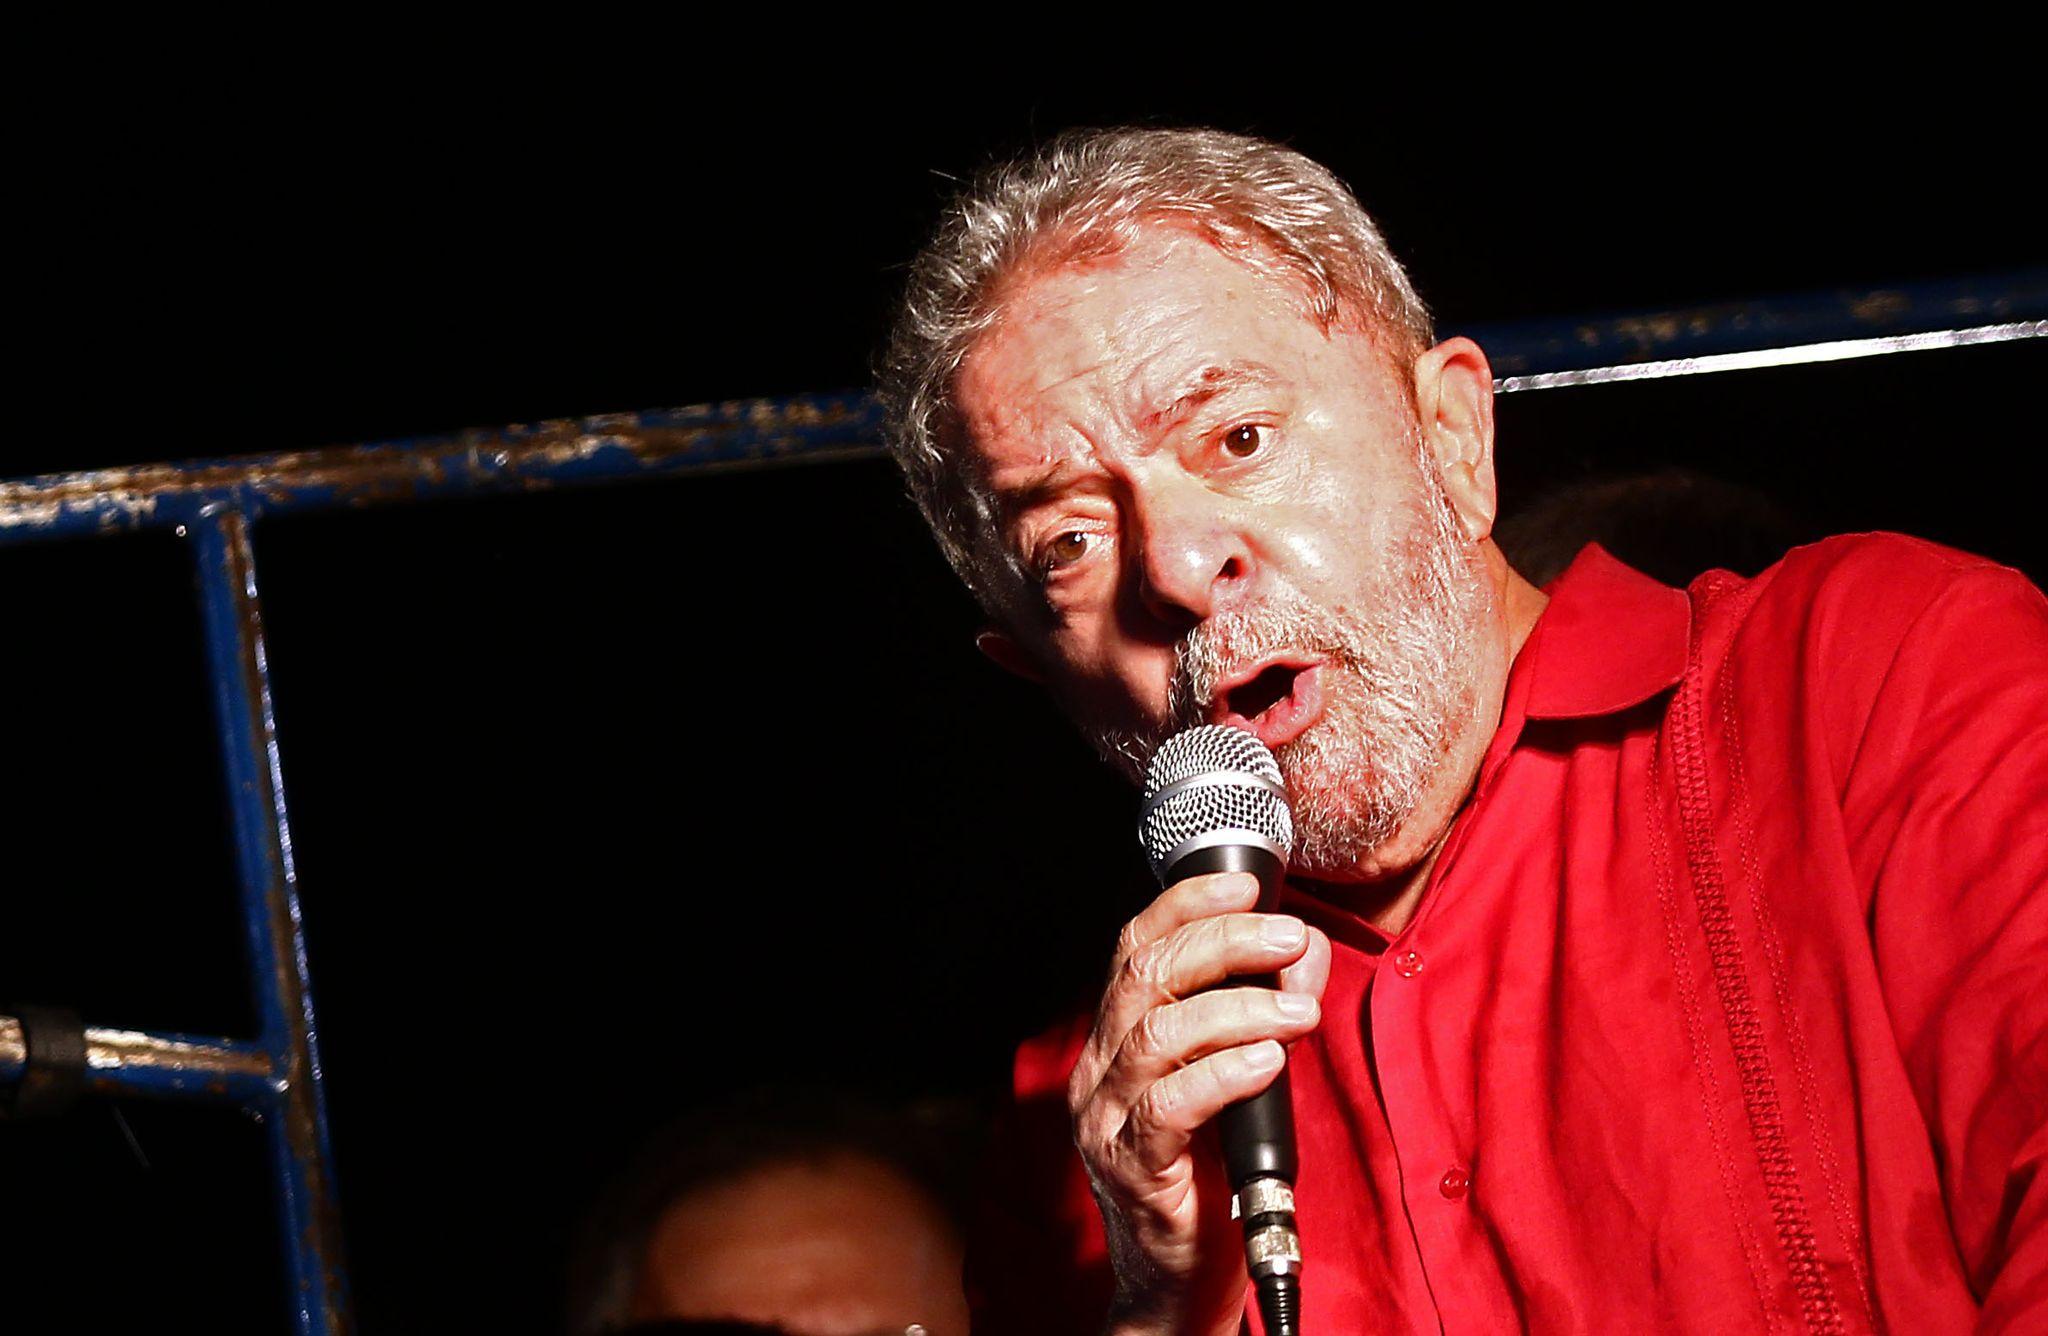 #pracegover O ex-presidente da República, Luiz Inácio Lula da Silva, discursa, segurando um microfone e usando uma camiseta vermelha, em evento contra o impeachment na Avenida Paulista